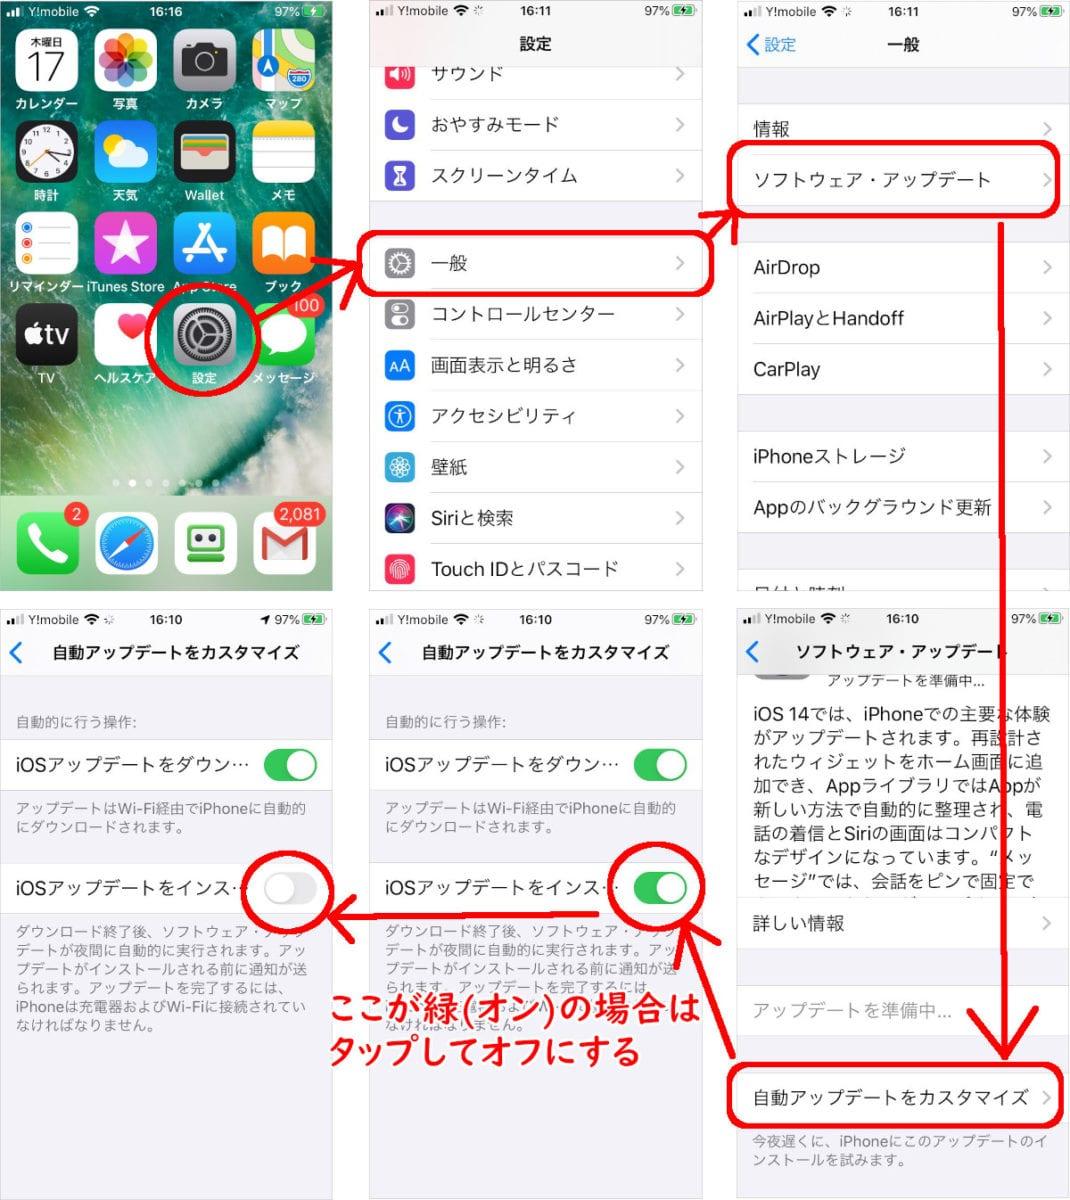 設定→一般→ソフトウェアアップデート→自動アップデートをカスタマイズ→下側のスイッチ「iOSアップデートをインストール」をオフにする